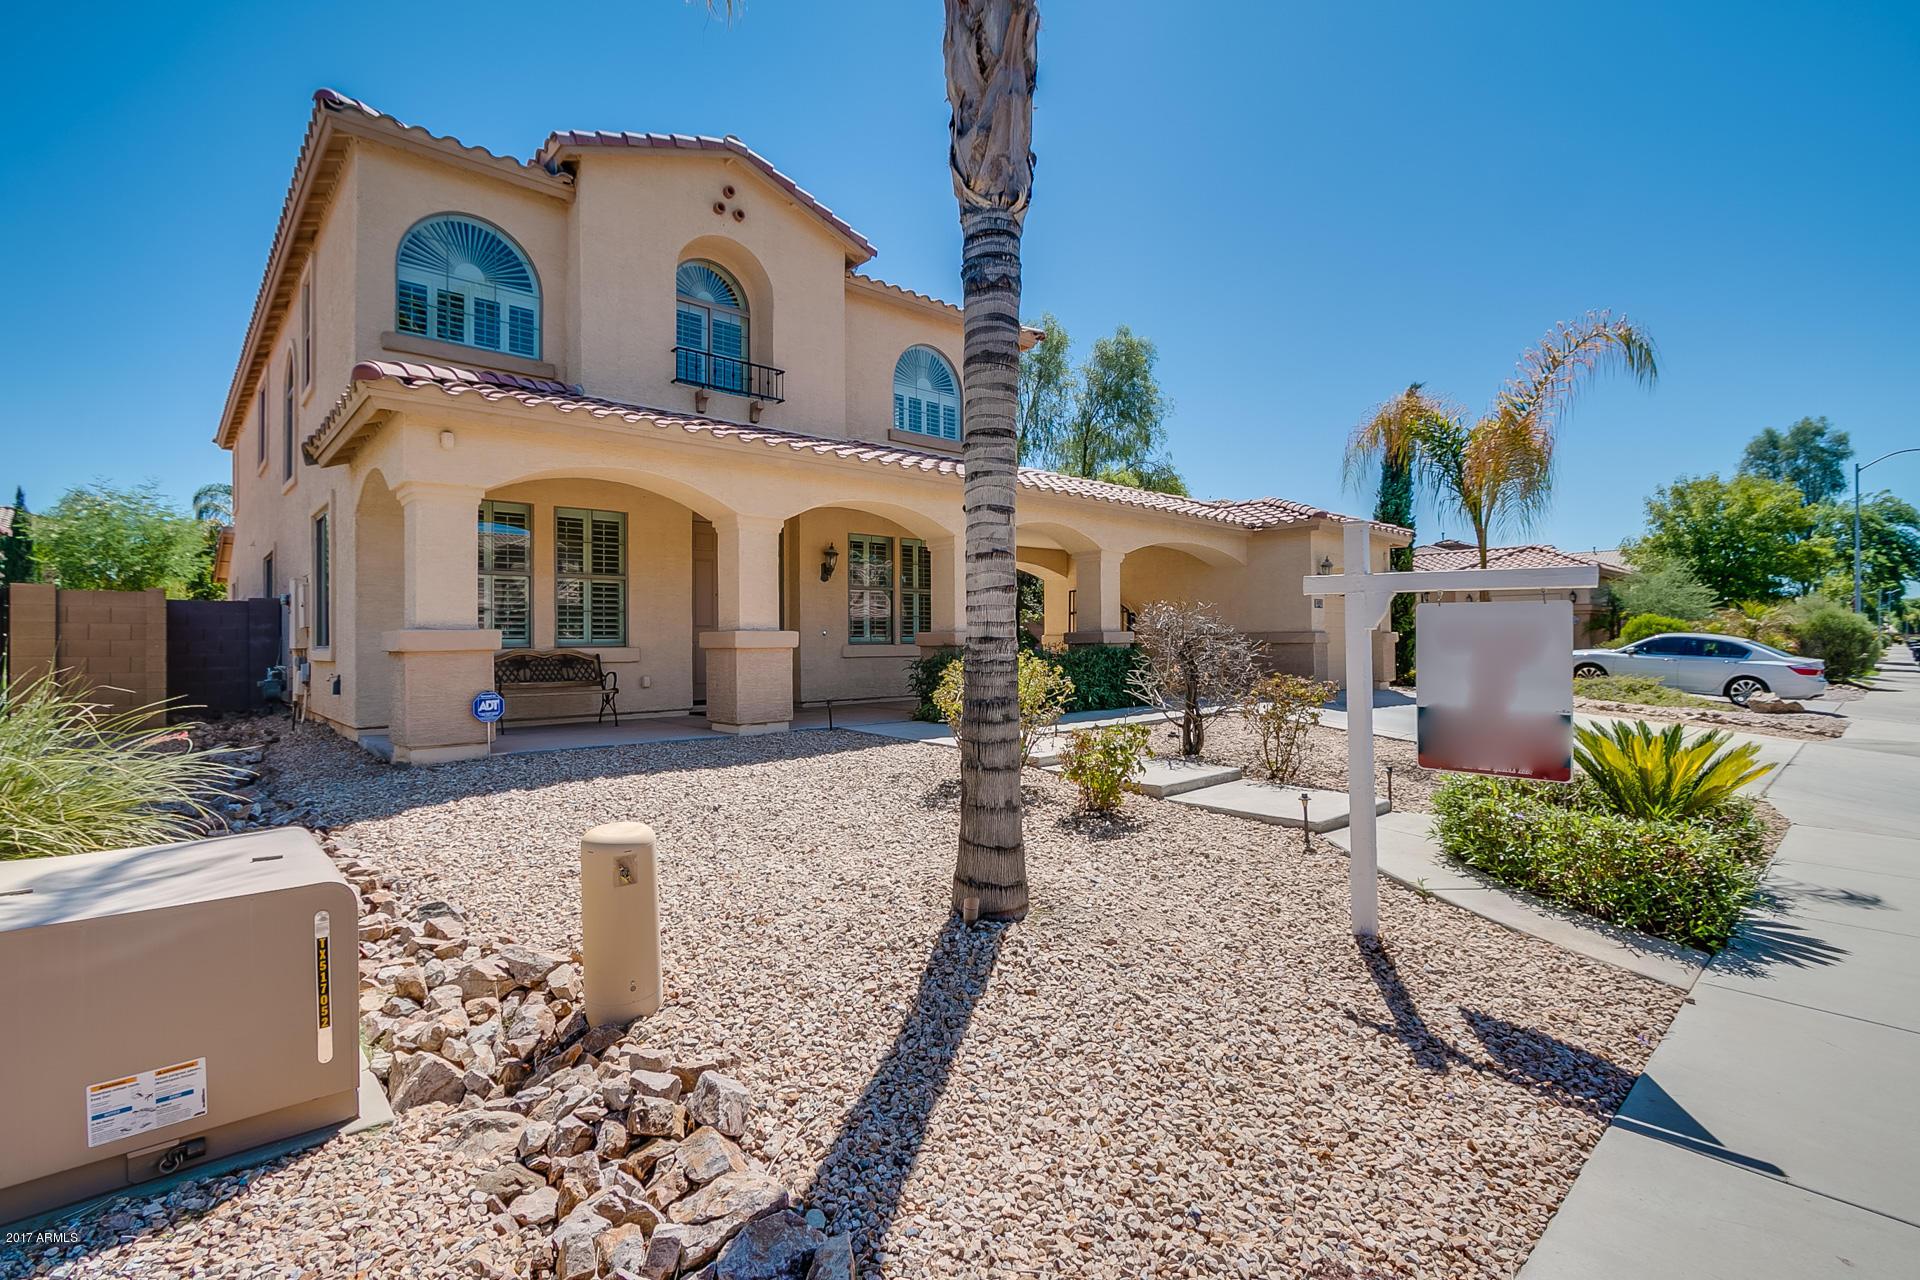 MLS 5841541 835 W WHITTEN Street, Chandler, AZ 85225 Chandler AZ North Chandler